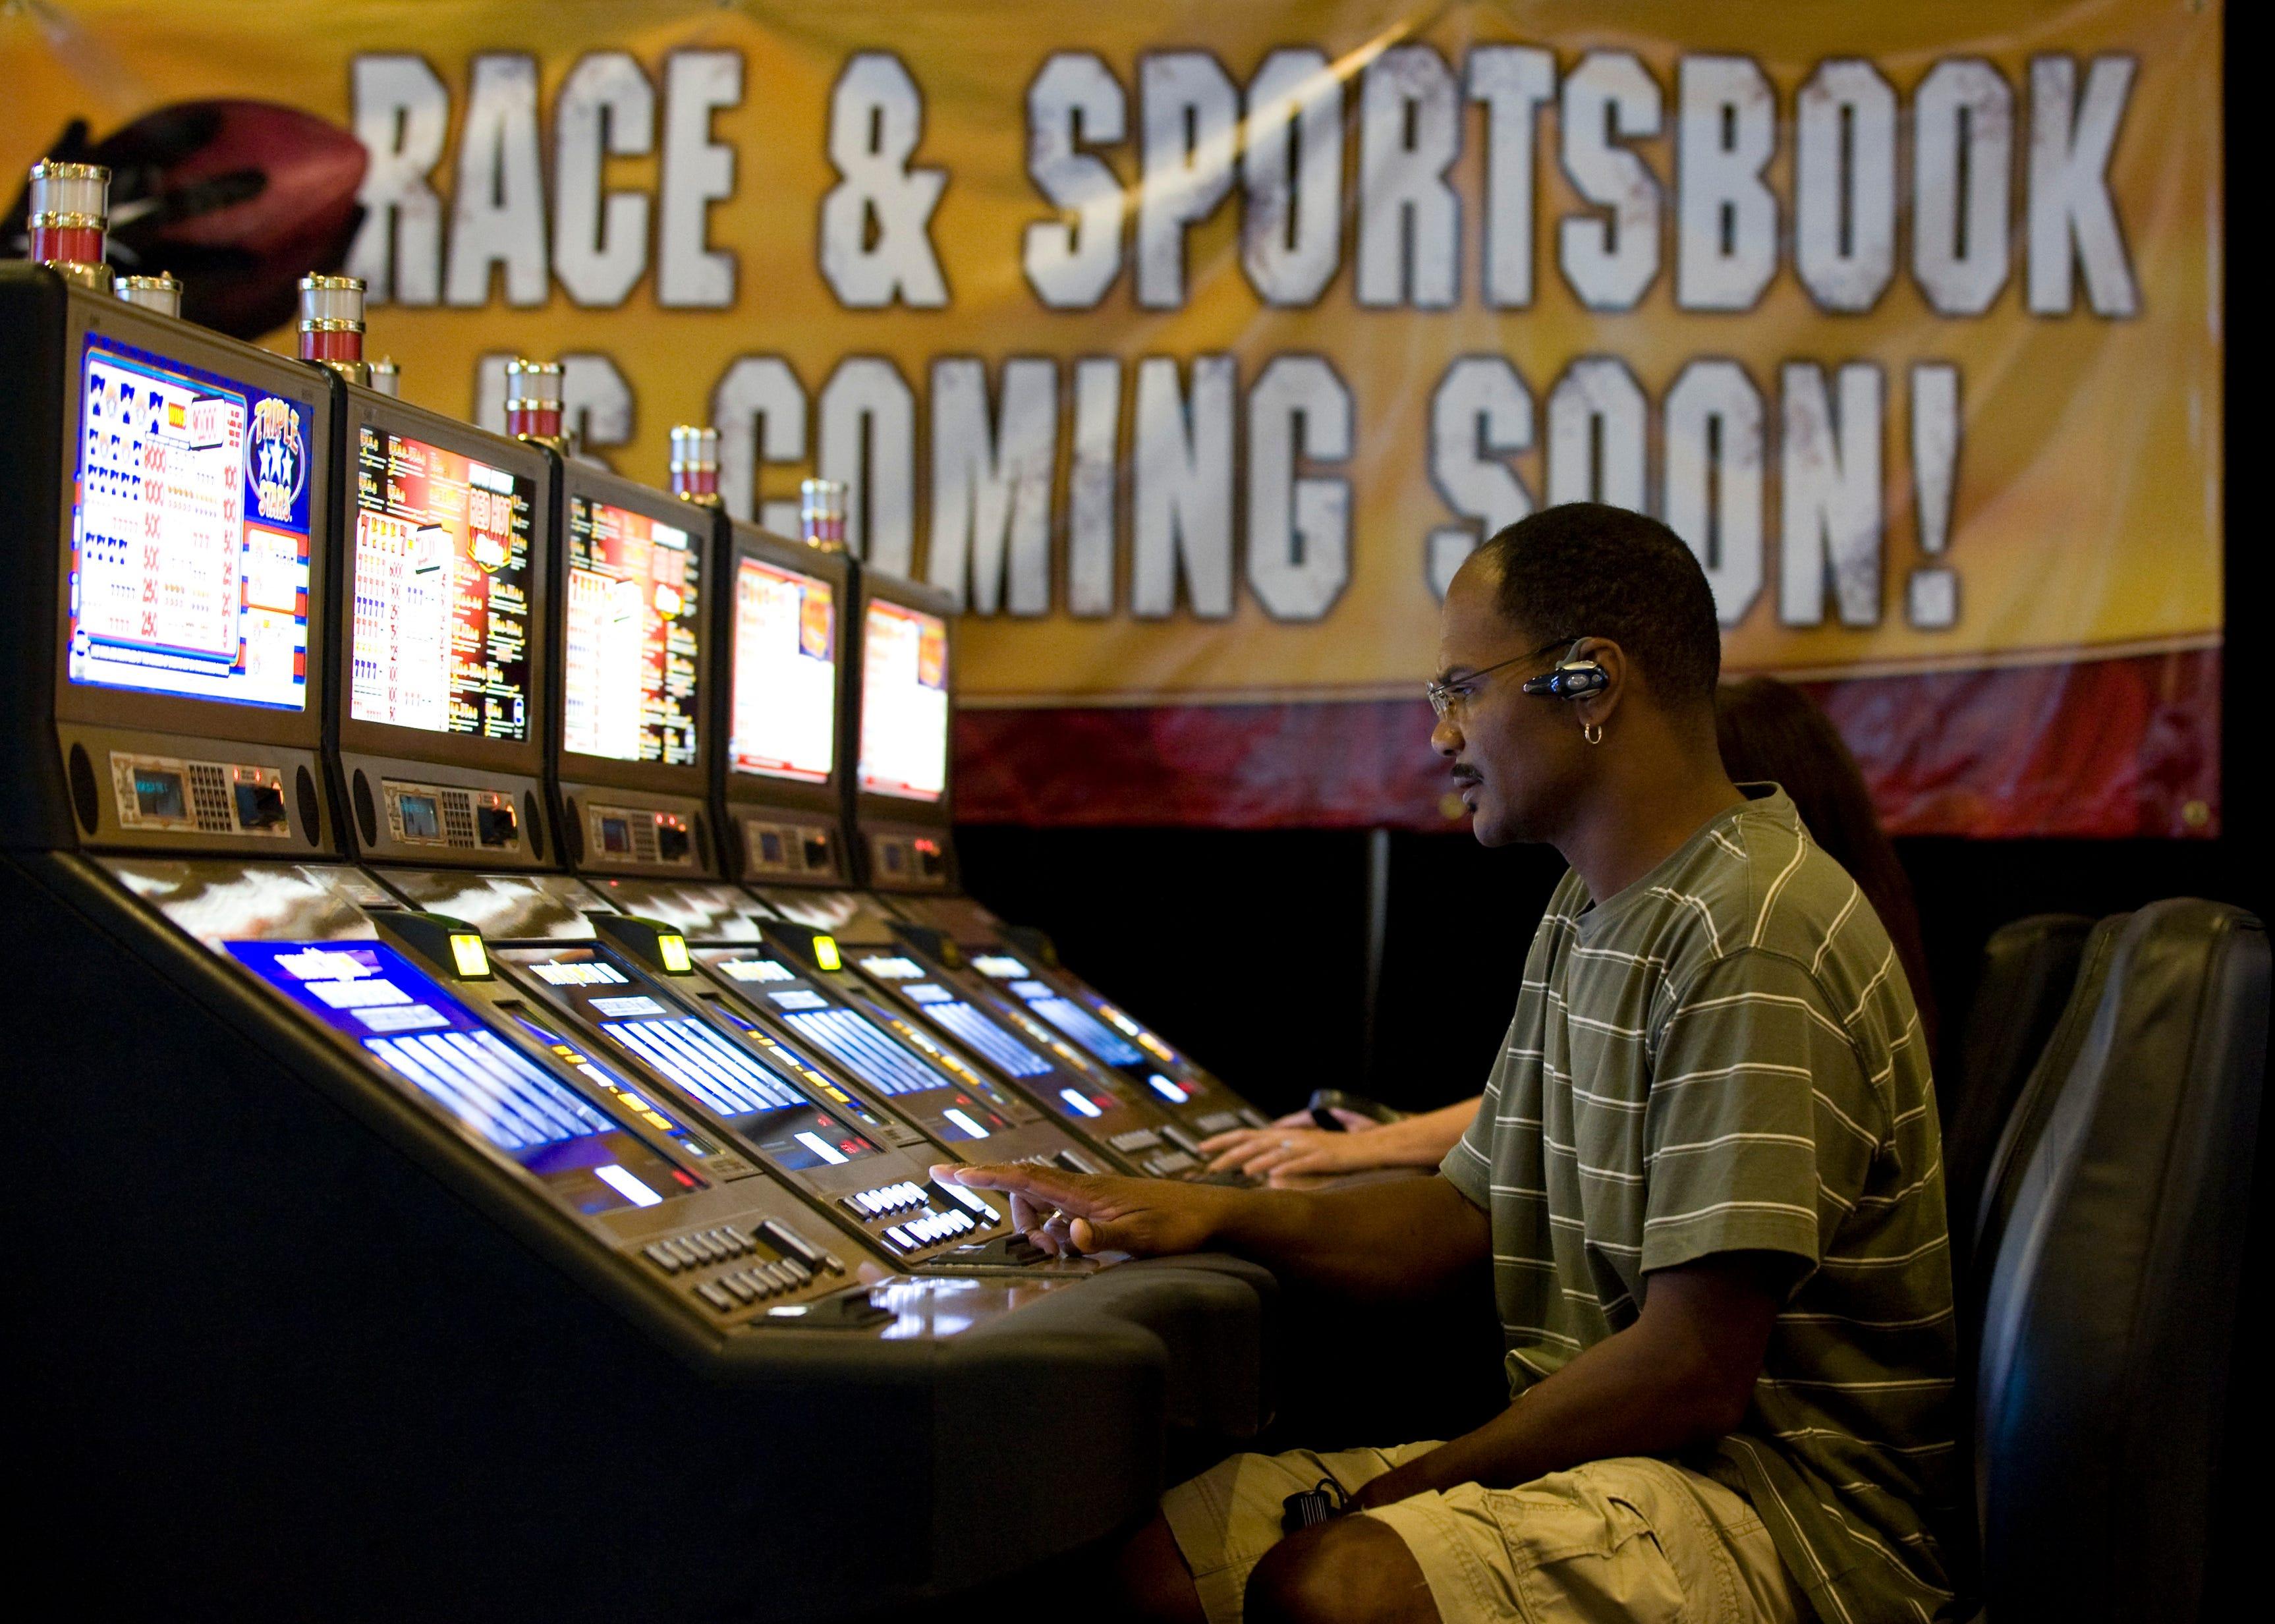 Garnet gambling demand based gambling revenue